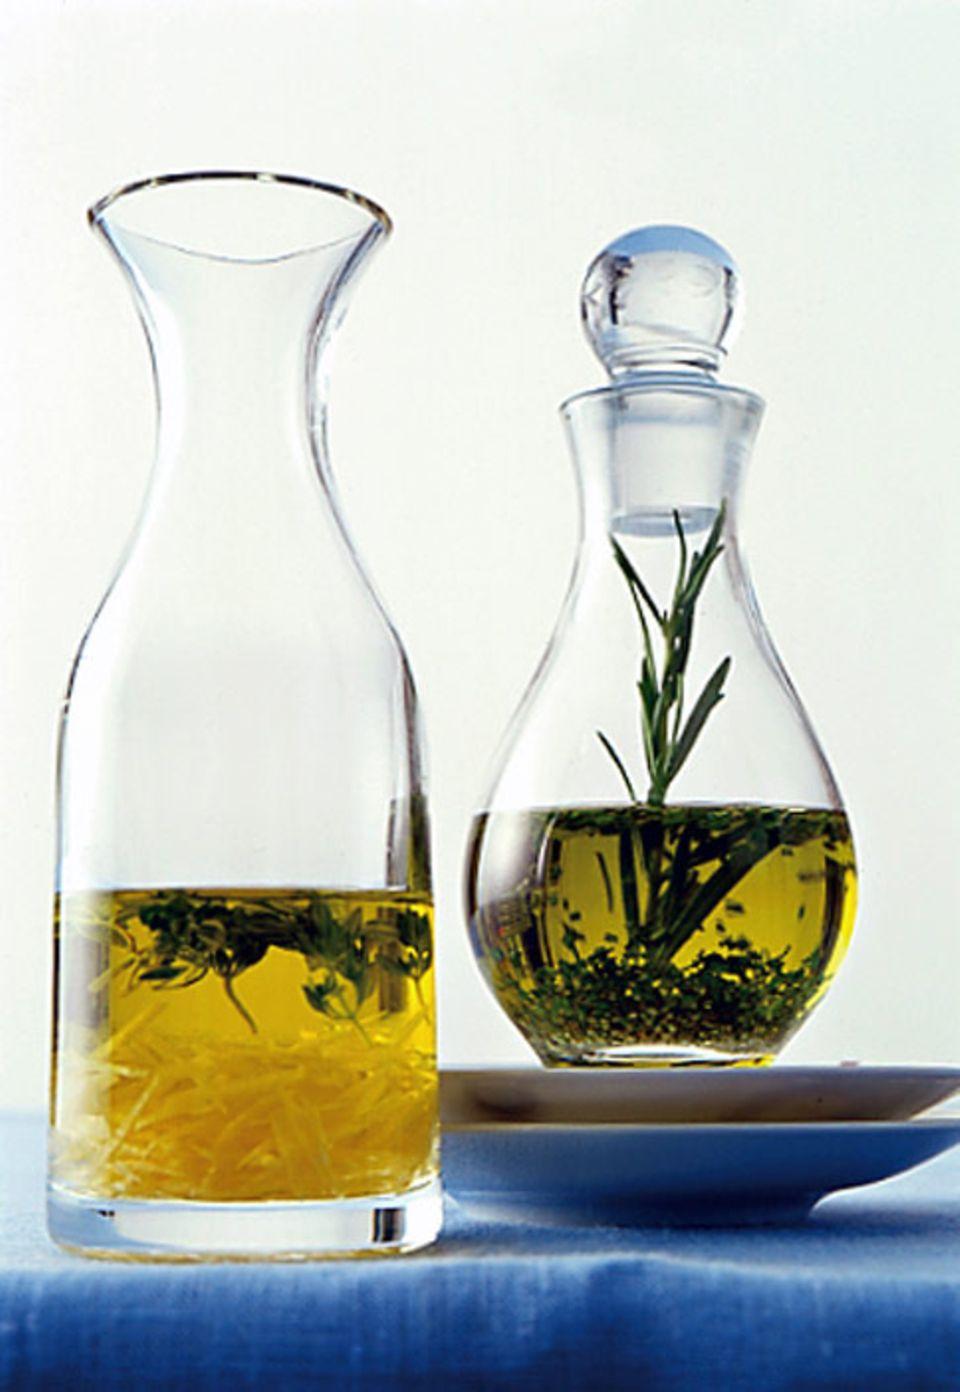 Zitronen-Kräuteröle duften und schmecken besonders aromatisch.